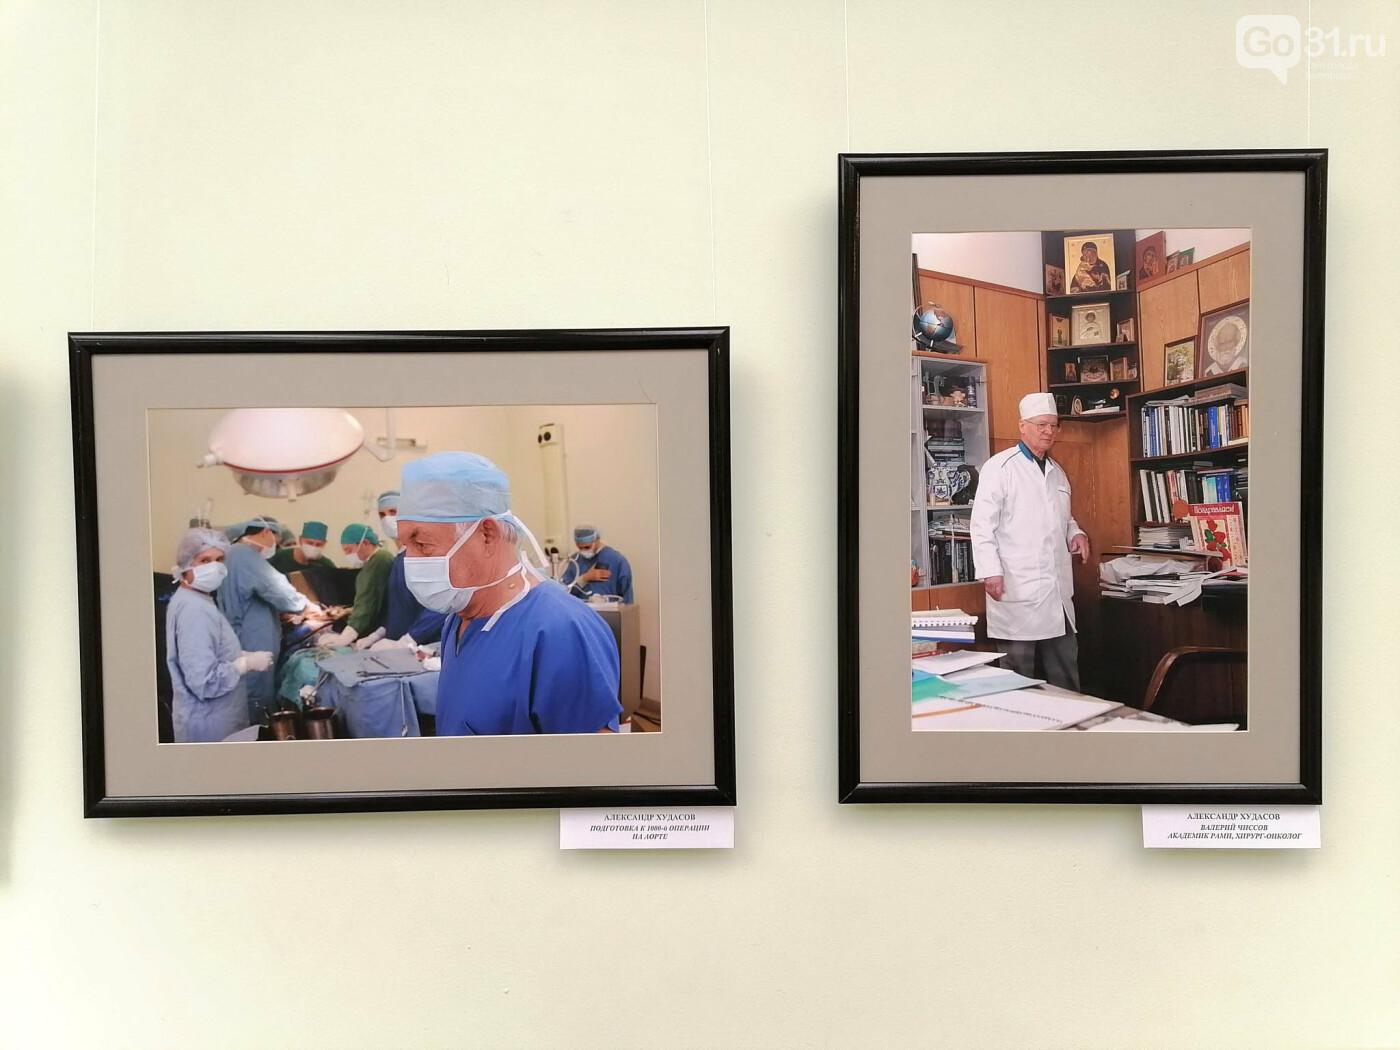 В Белгороде открылась фотовыставка, посвящённая медикам, фото-9